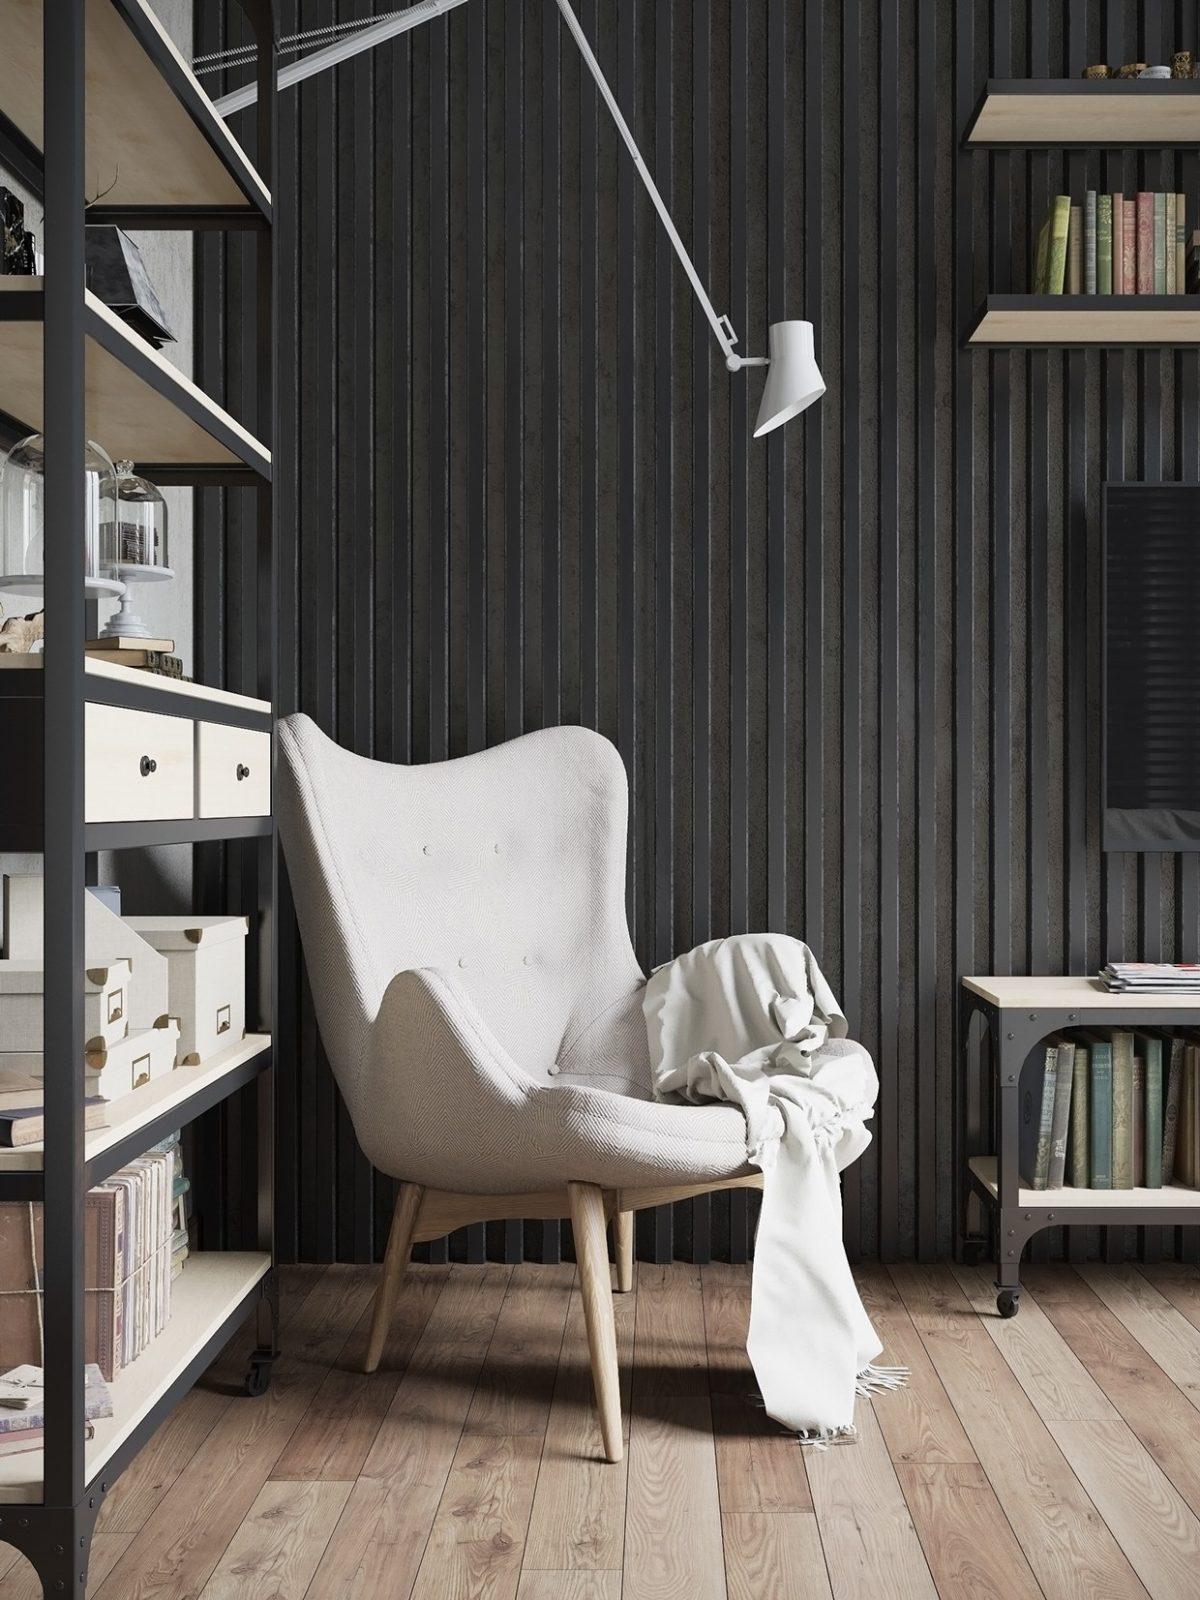 Tham khảo mẫu nội thất tông màu xám đen siêu đẹp tại Nga